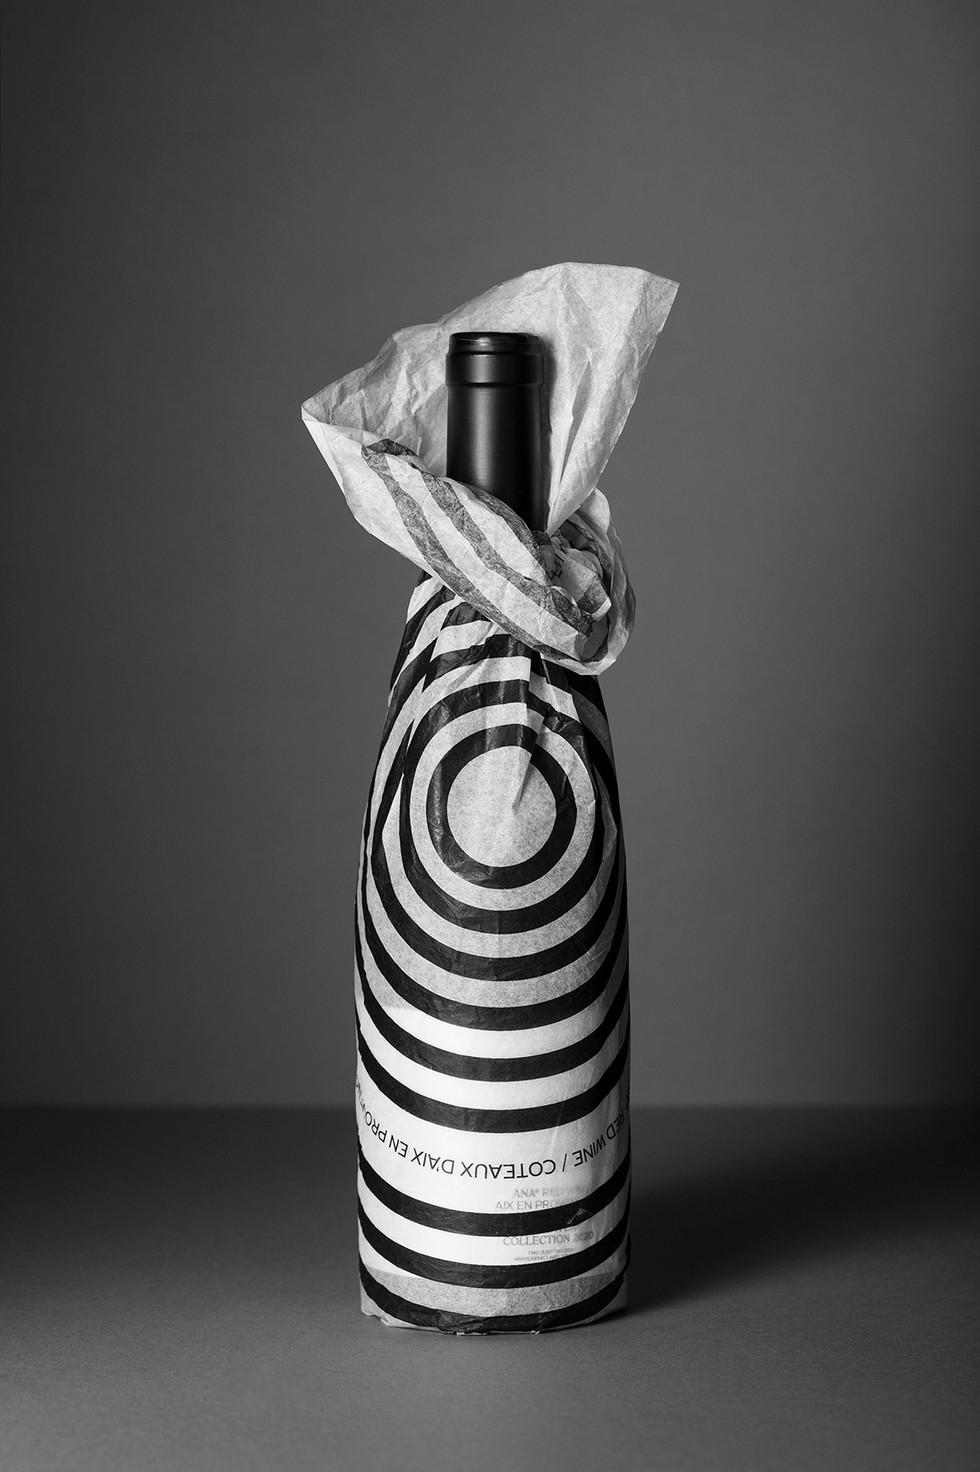 ana-wine-elegant-packaging-3.jpg